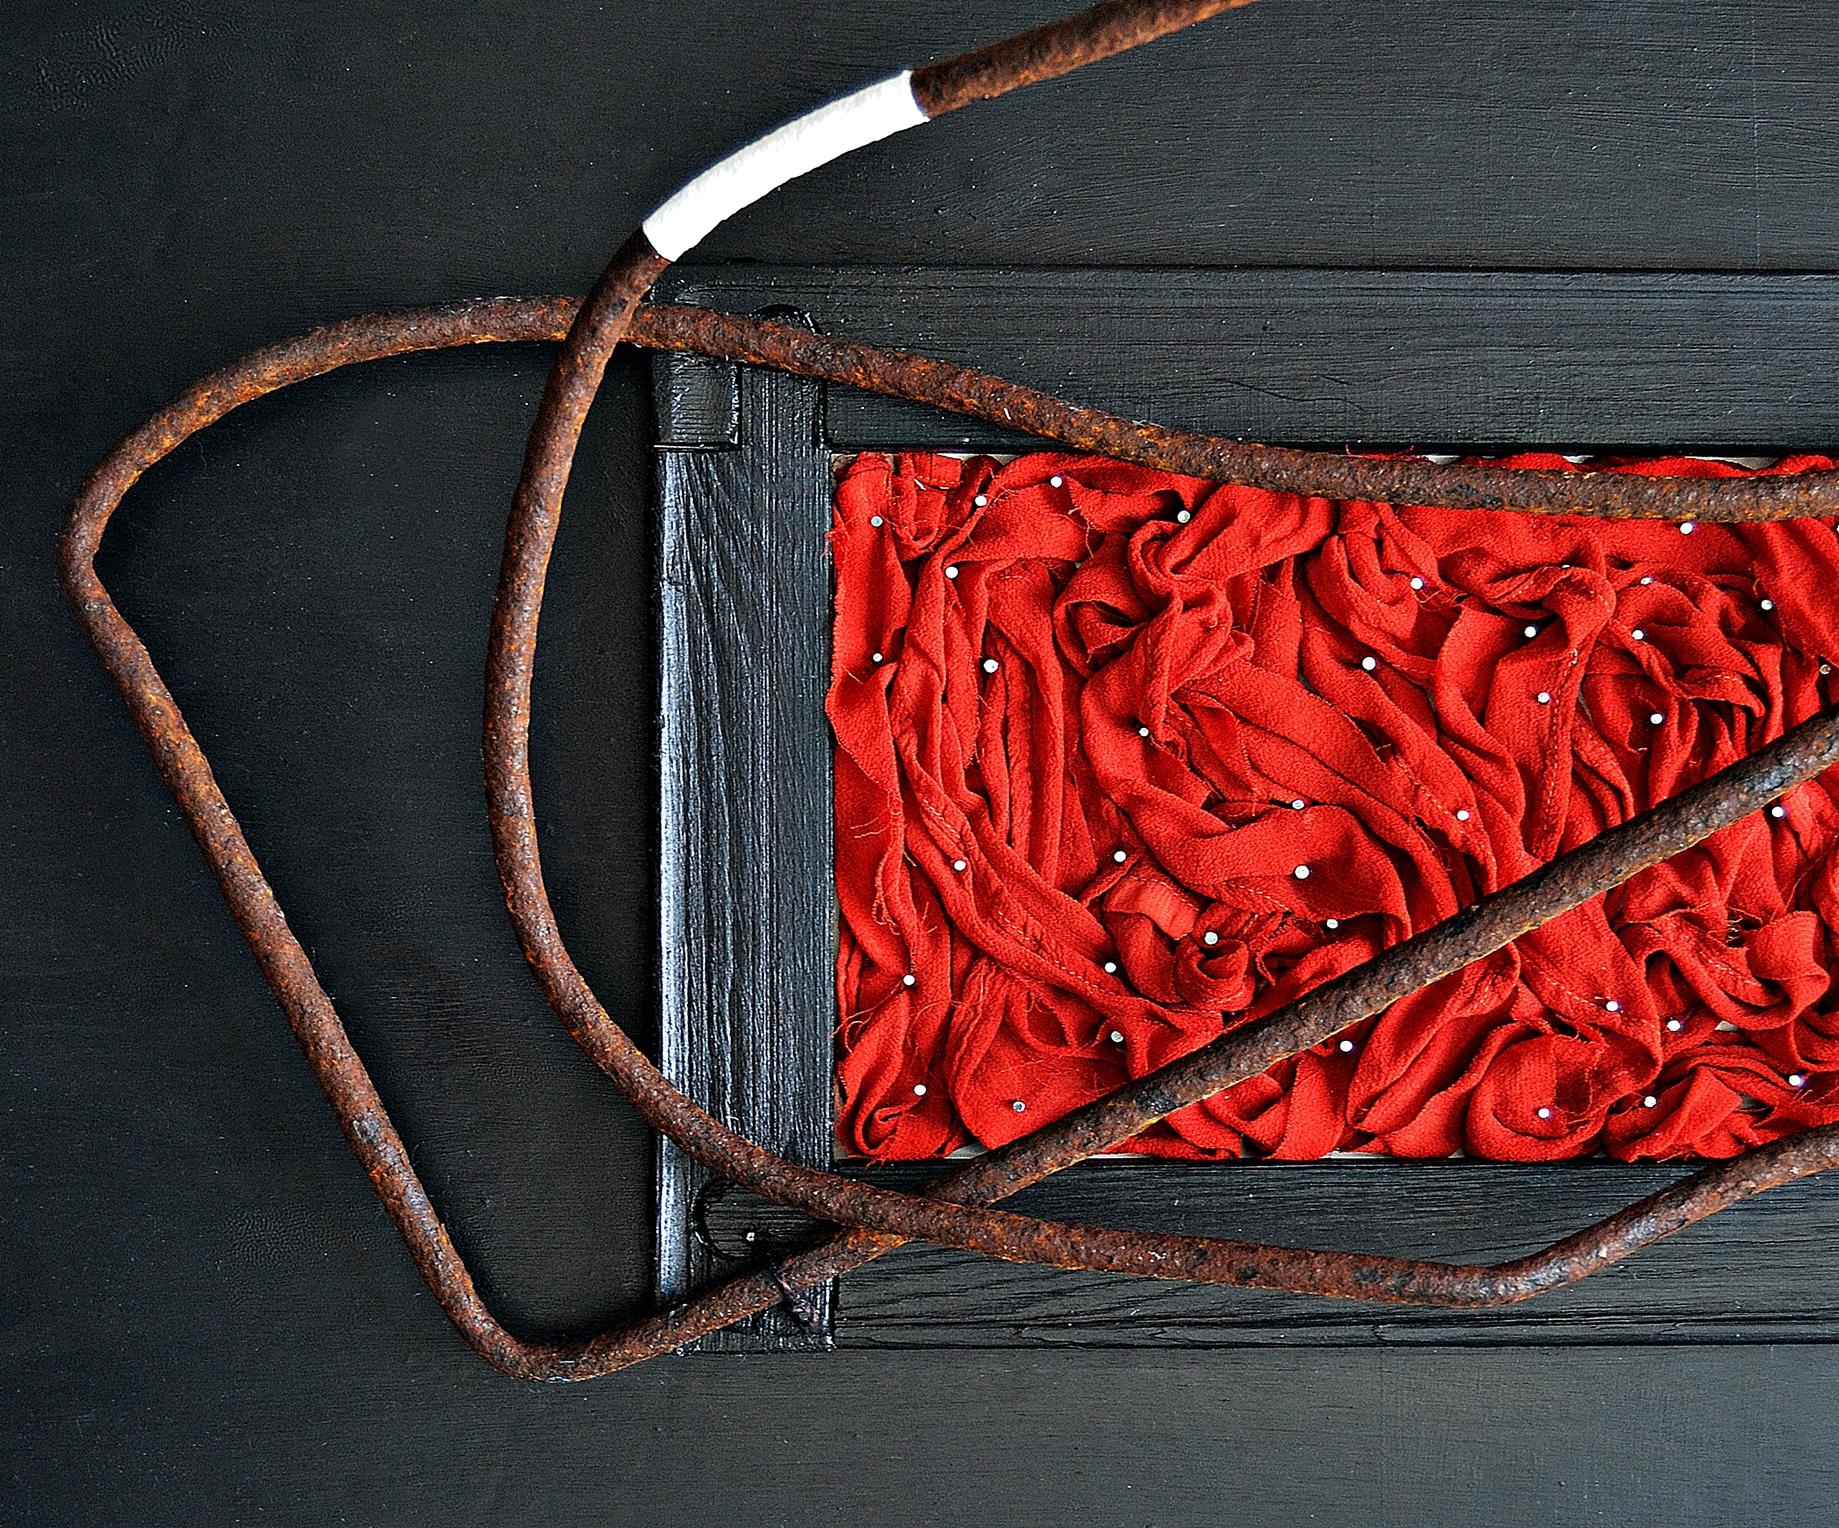 Devolver a la vida objetos que nadie quiere es la base de la expresión de El viajero del Faro.